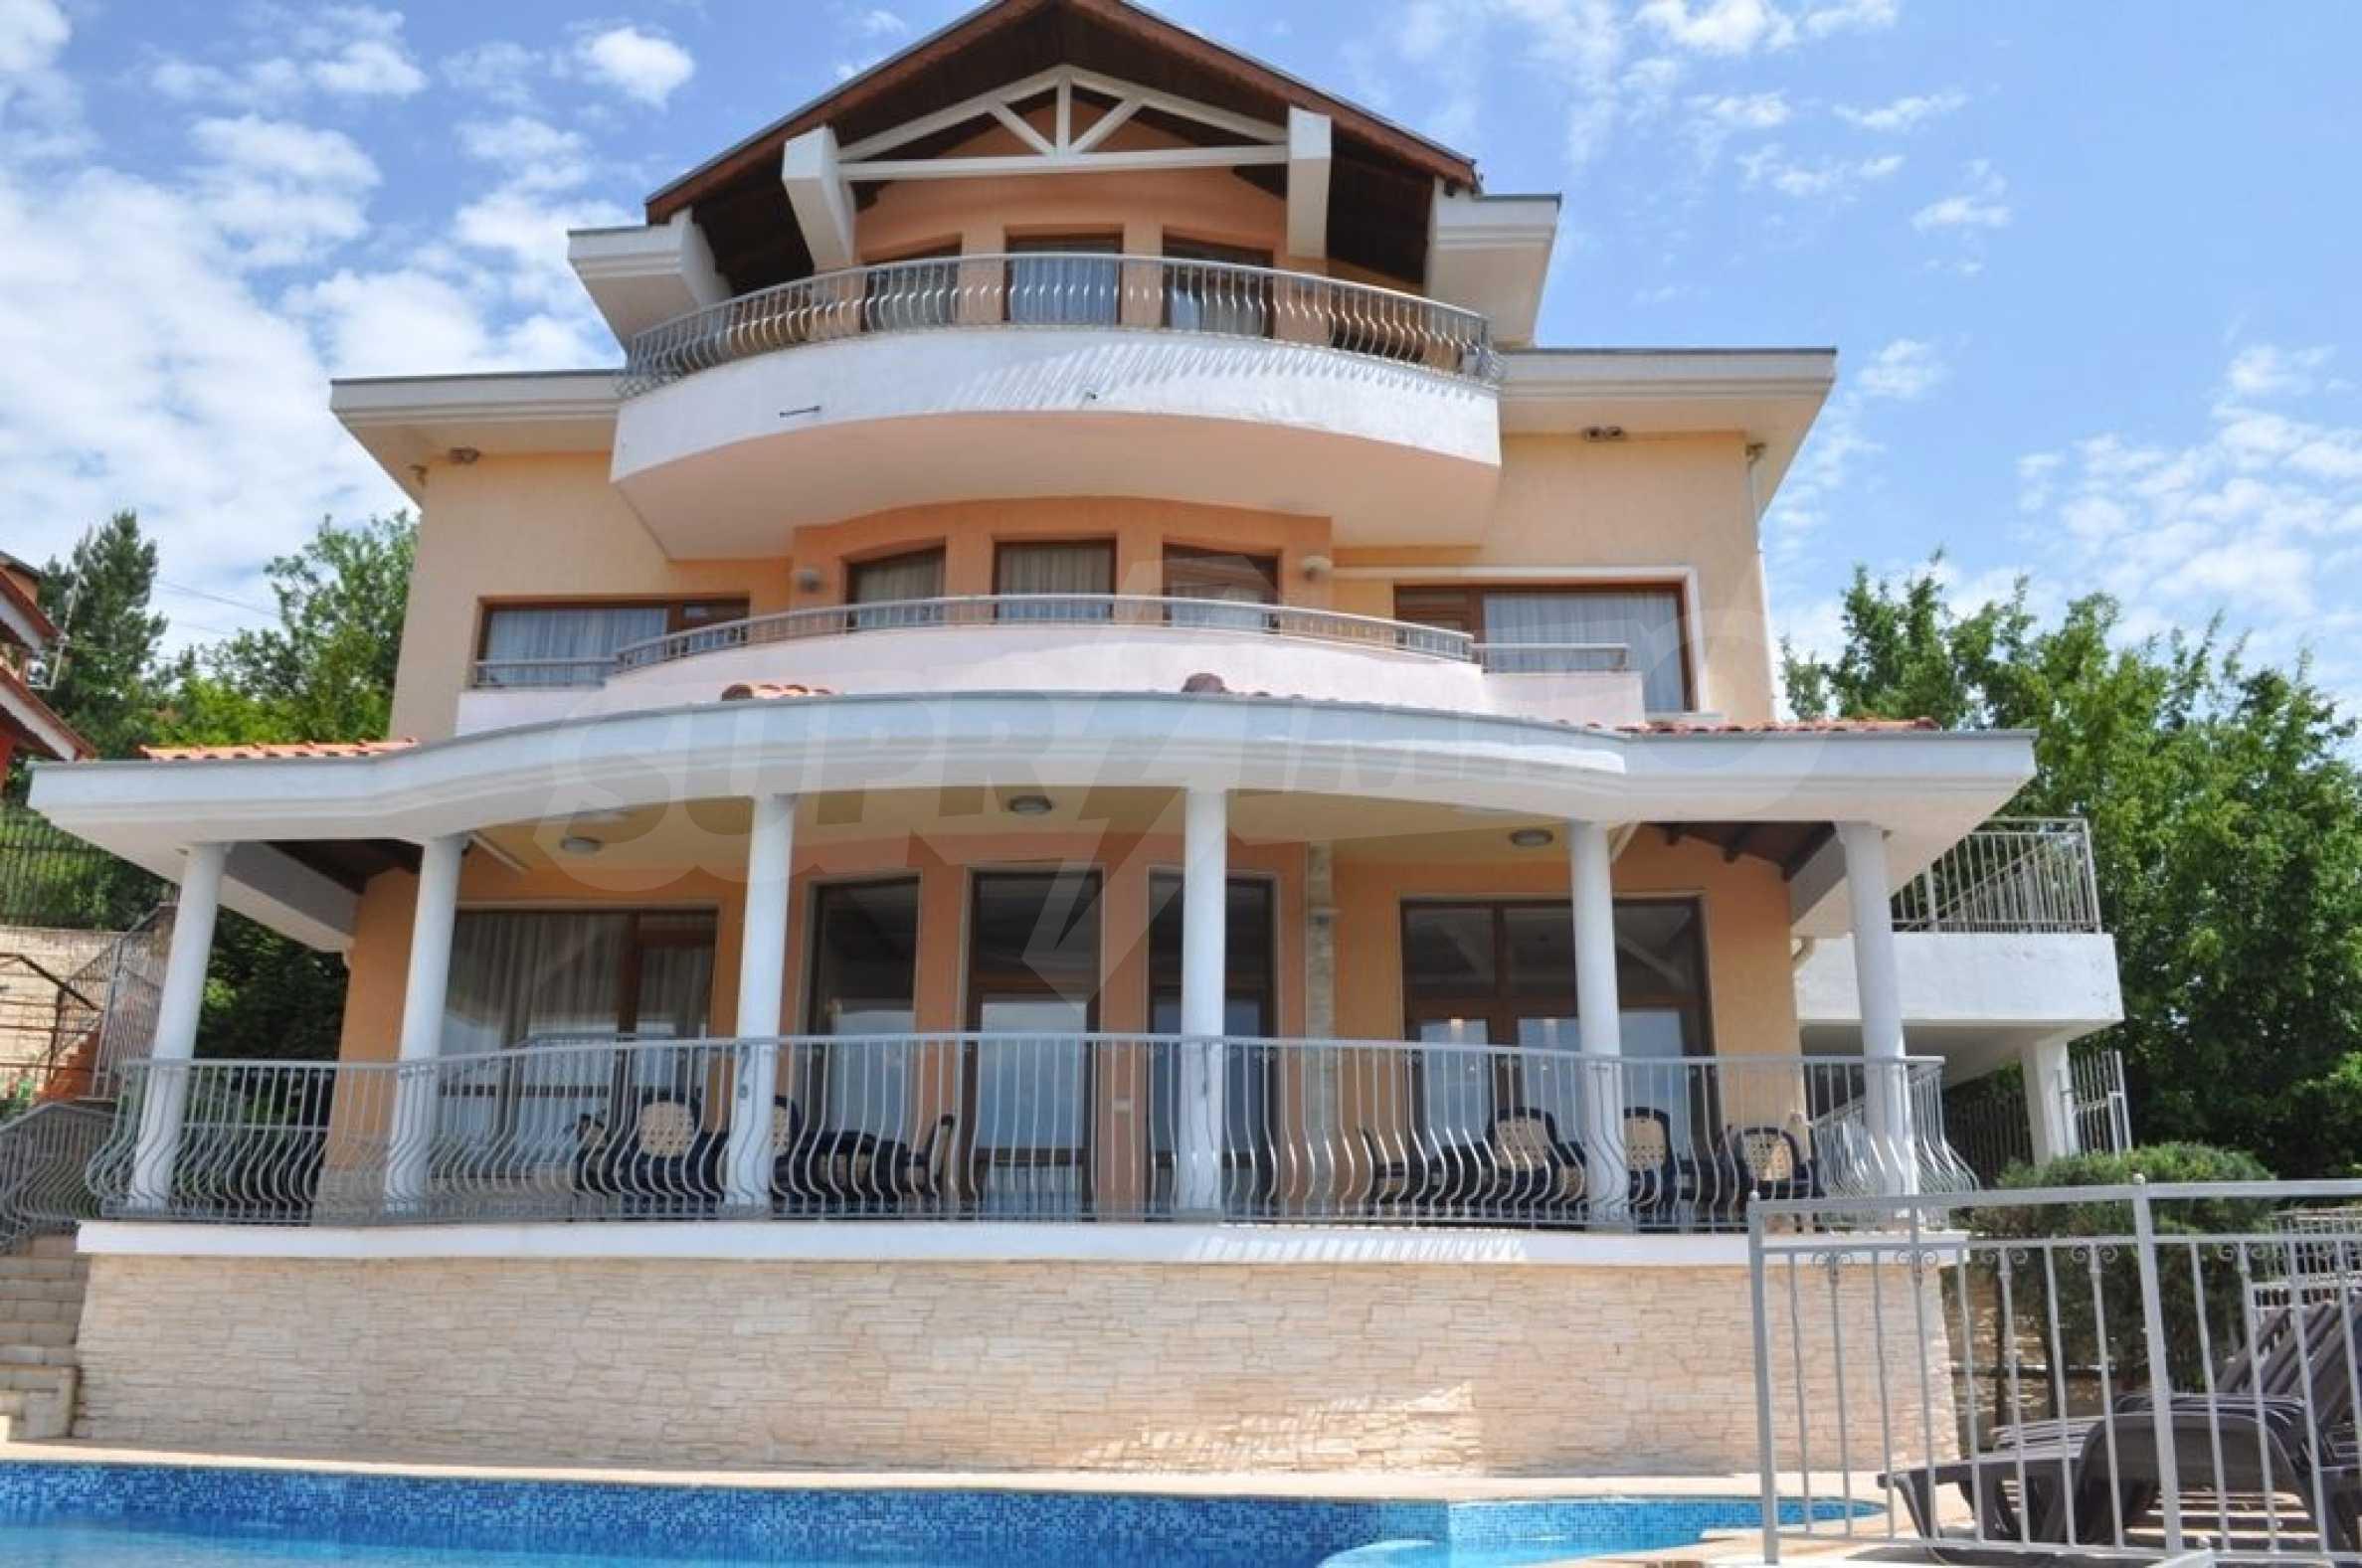 Villa mit Swimmingpool und 6 Schlafzimmern in der Nähe des Resorts Albena